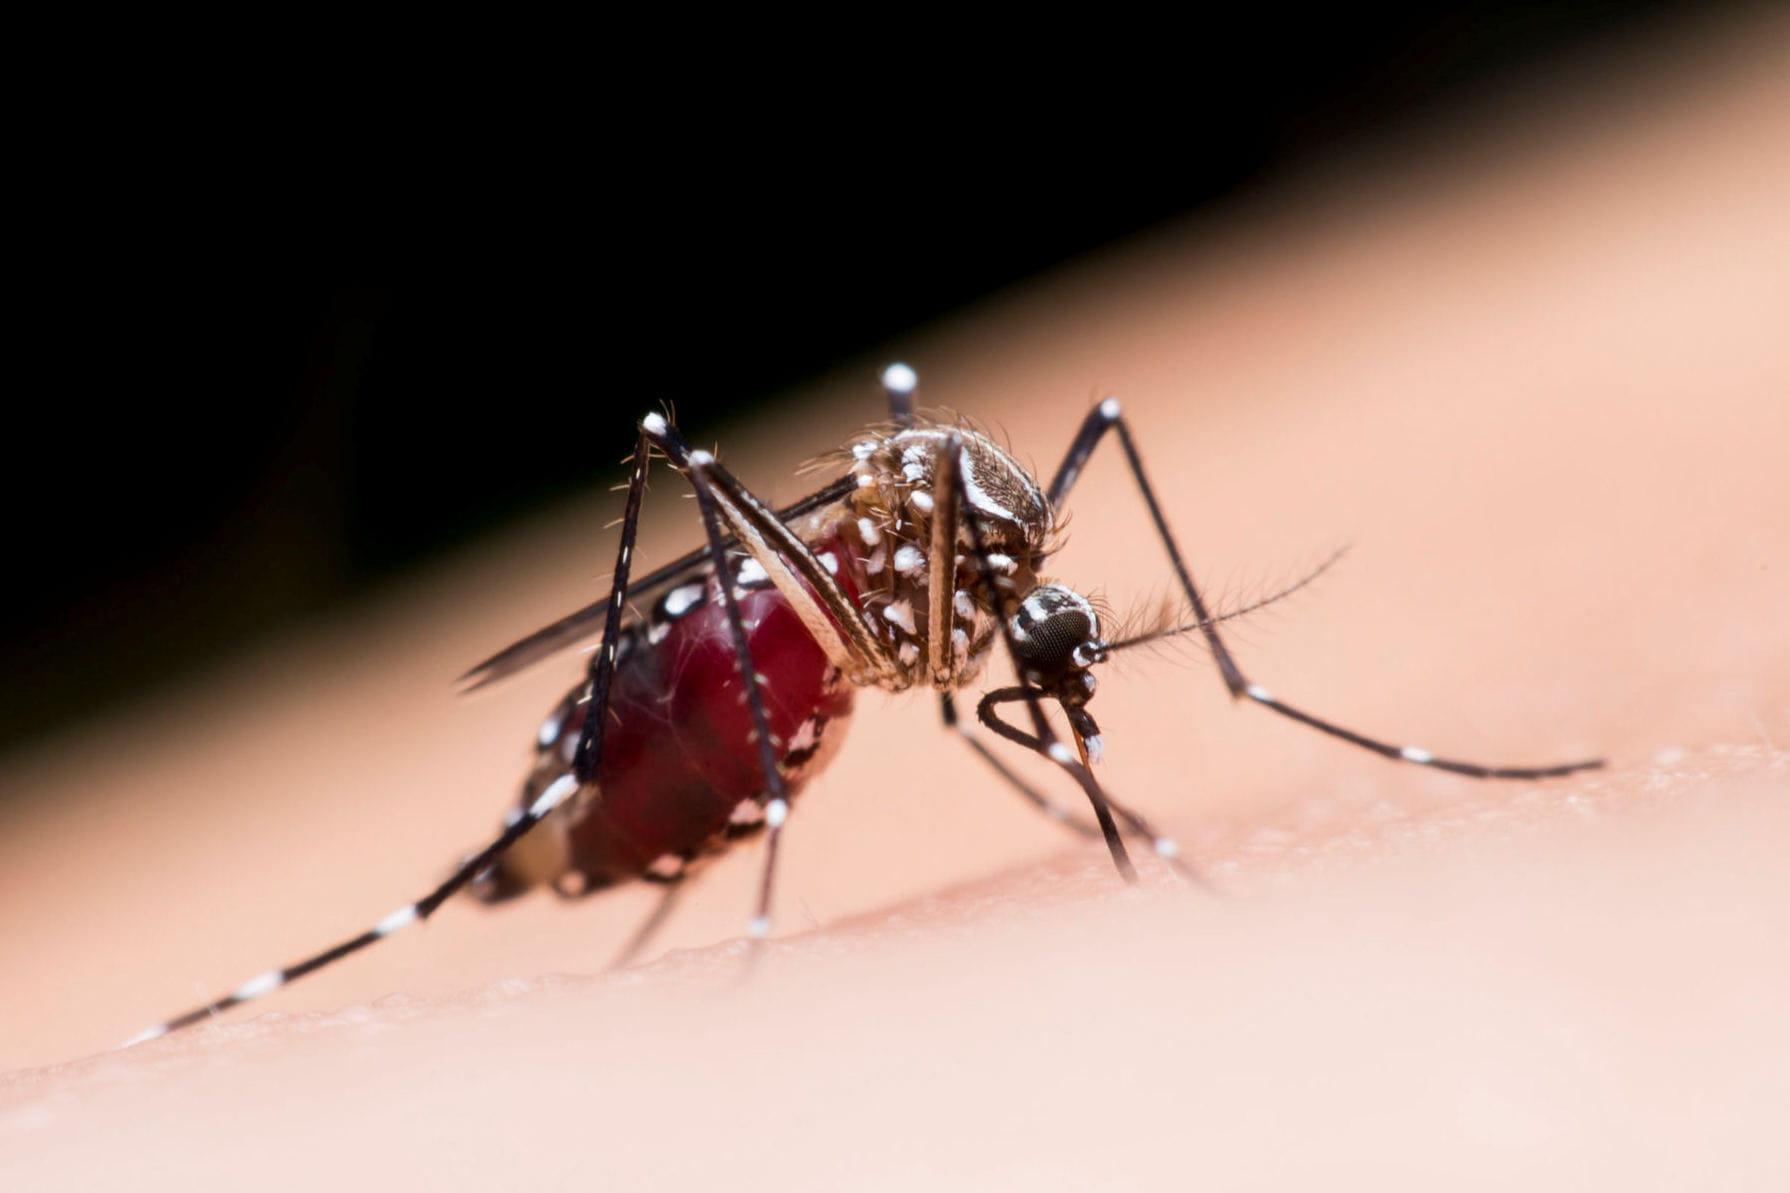 31 astuces et rem des efficaces pour dire adieu aux moustiques. Black Bedroom Furniture Sets. Home Design Ideas